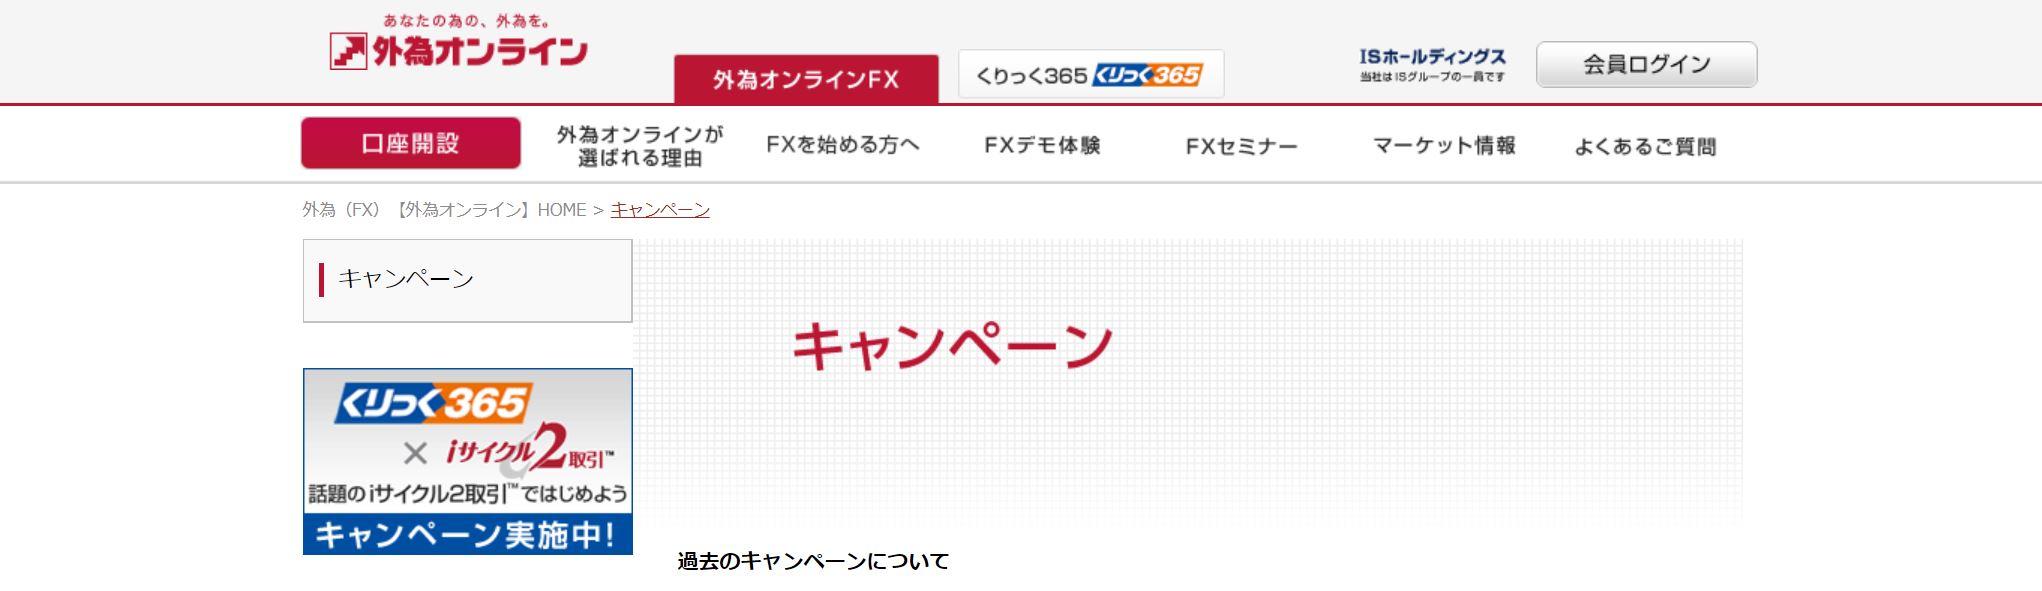 外為オンラインのFXキャンペーンページ